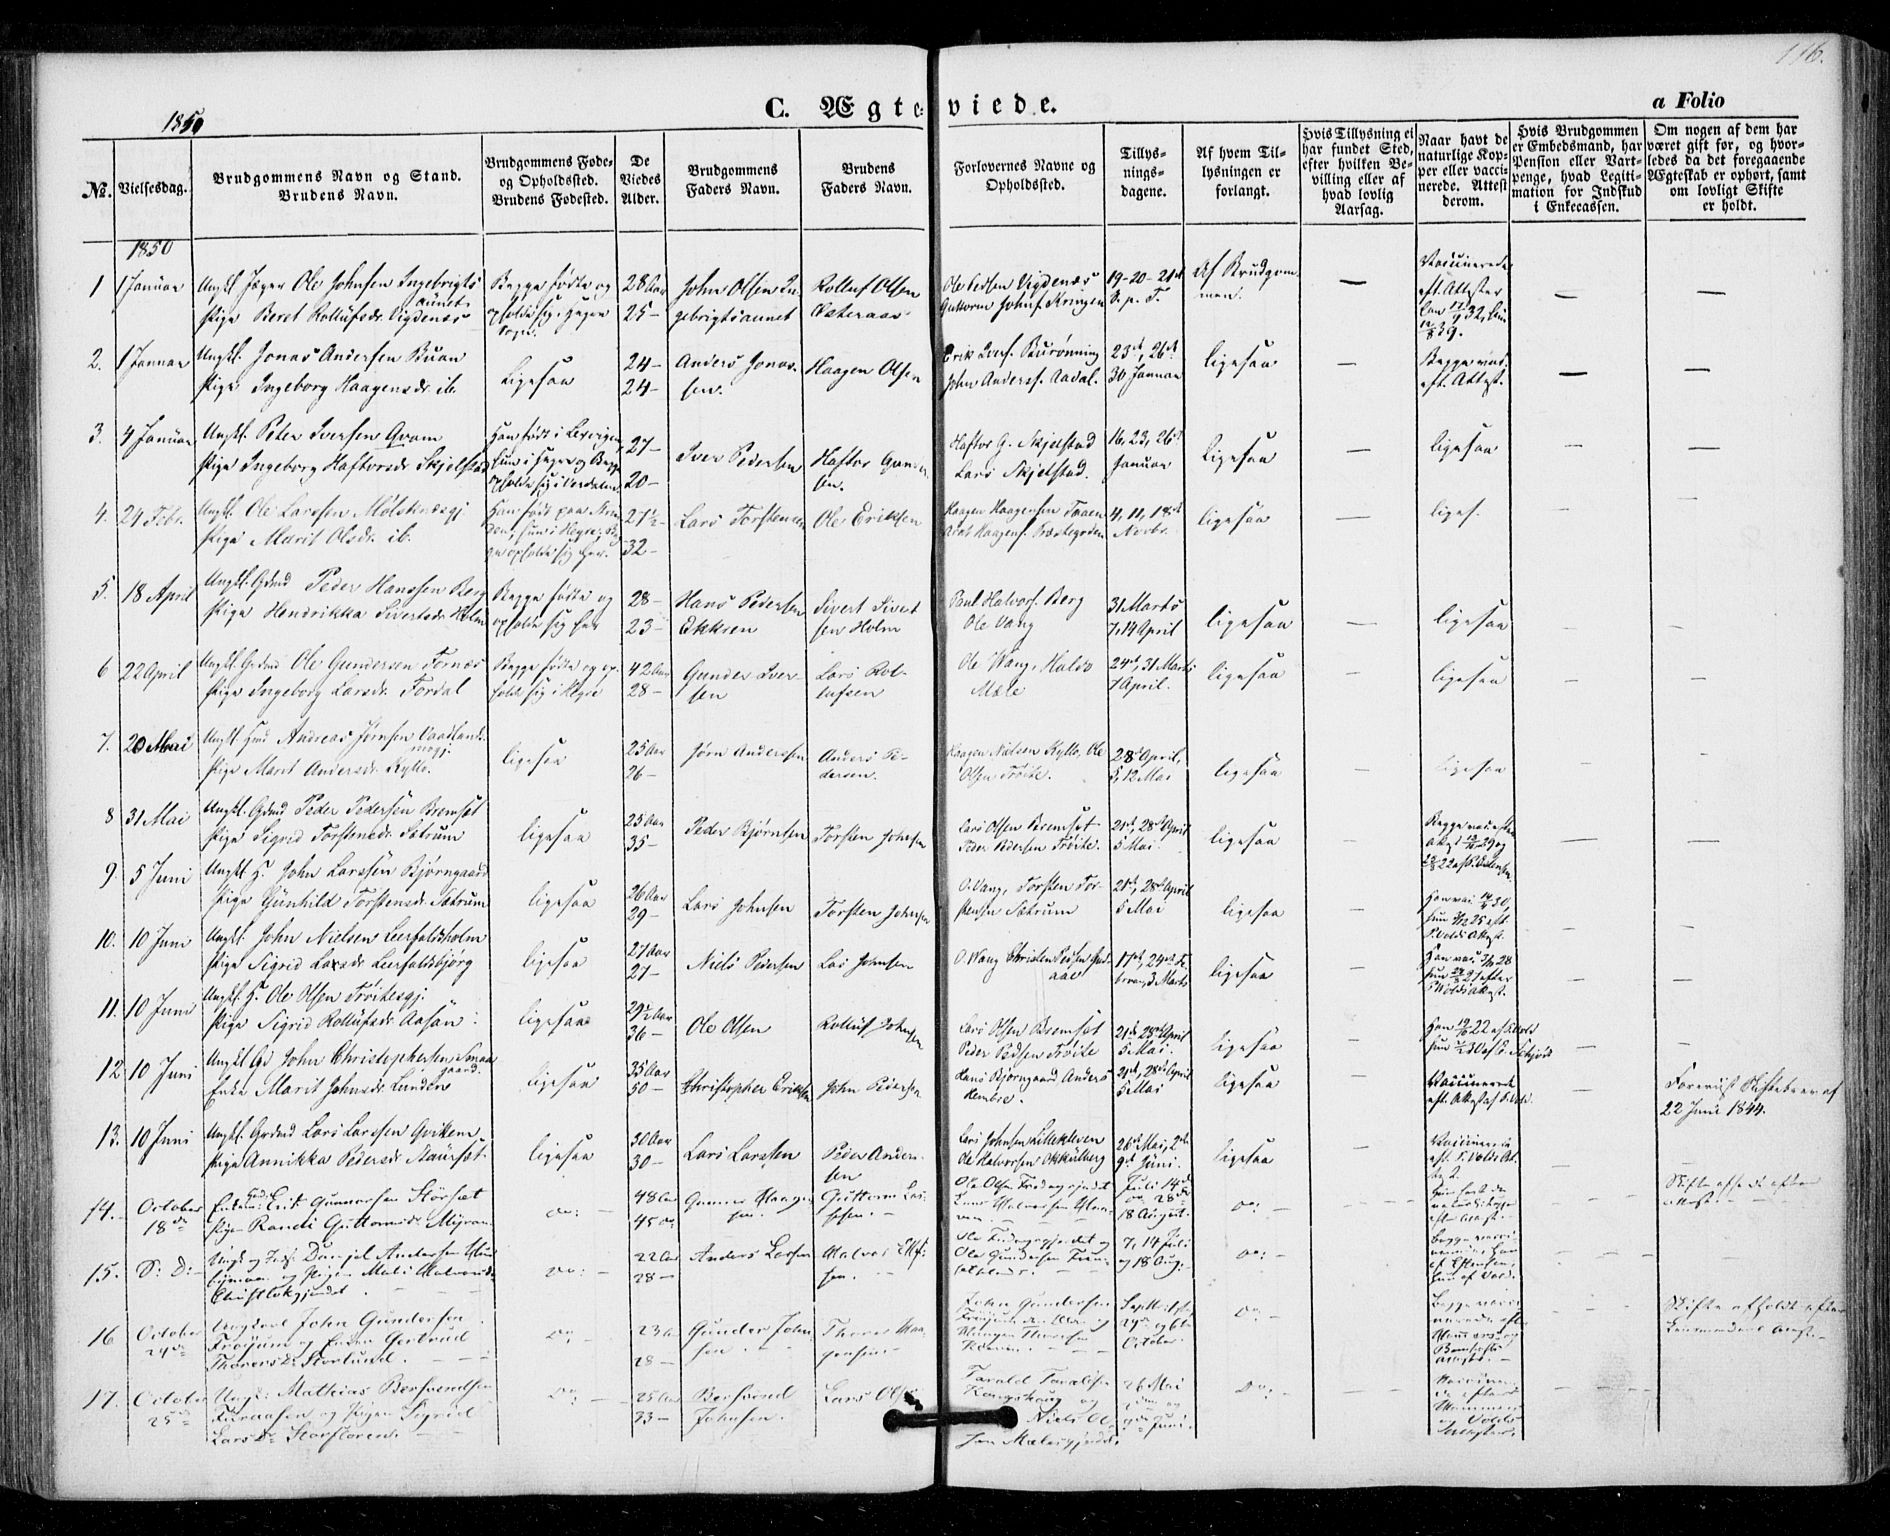 SAT, Ministerialprotokoller, klokkerbøker og fødselsregistre - Nord-Trøndelag, 703/L0028: Parish register (official) no. 703A01, 1850-1862, p. 116